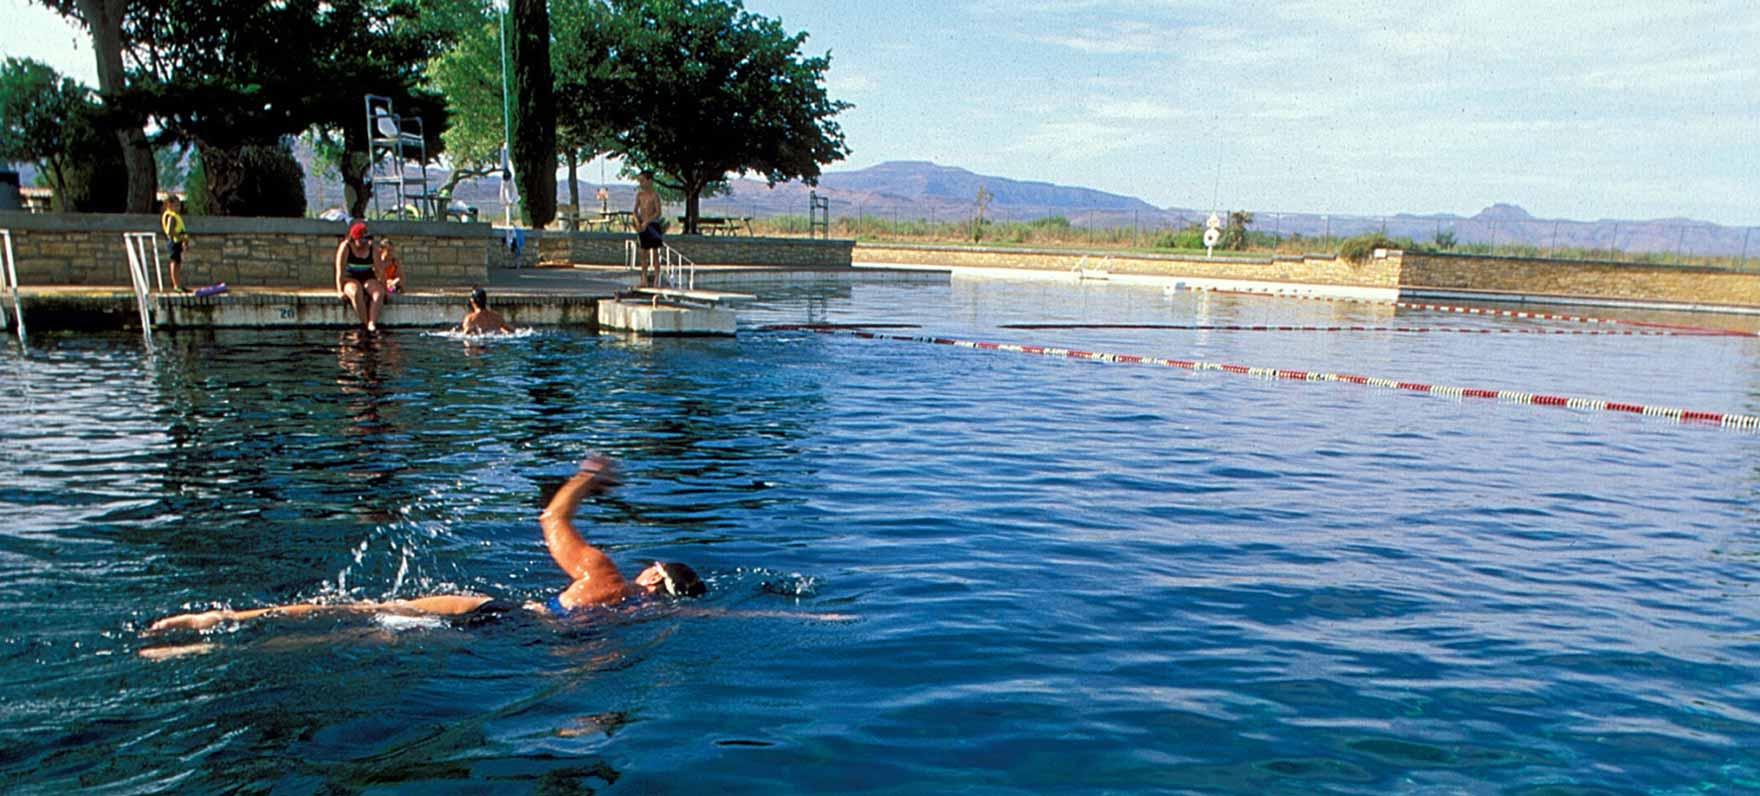 High Park Swimming Pool Hours Ownw Design On Vine